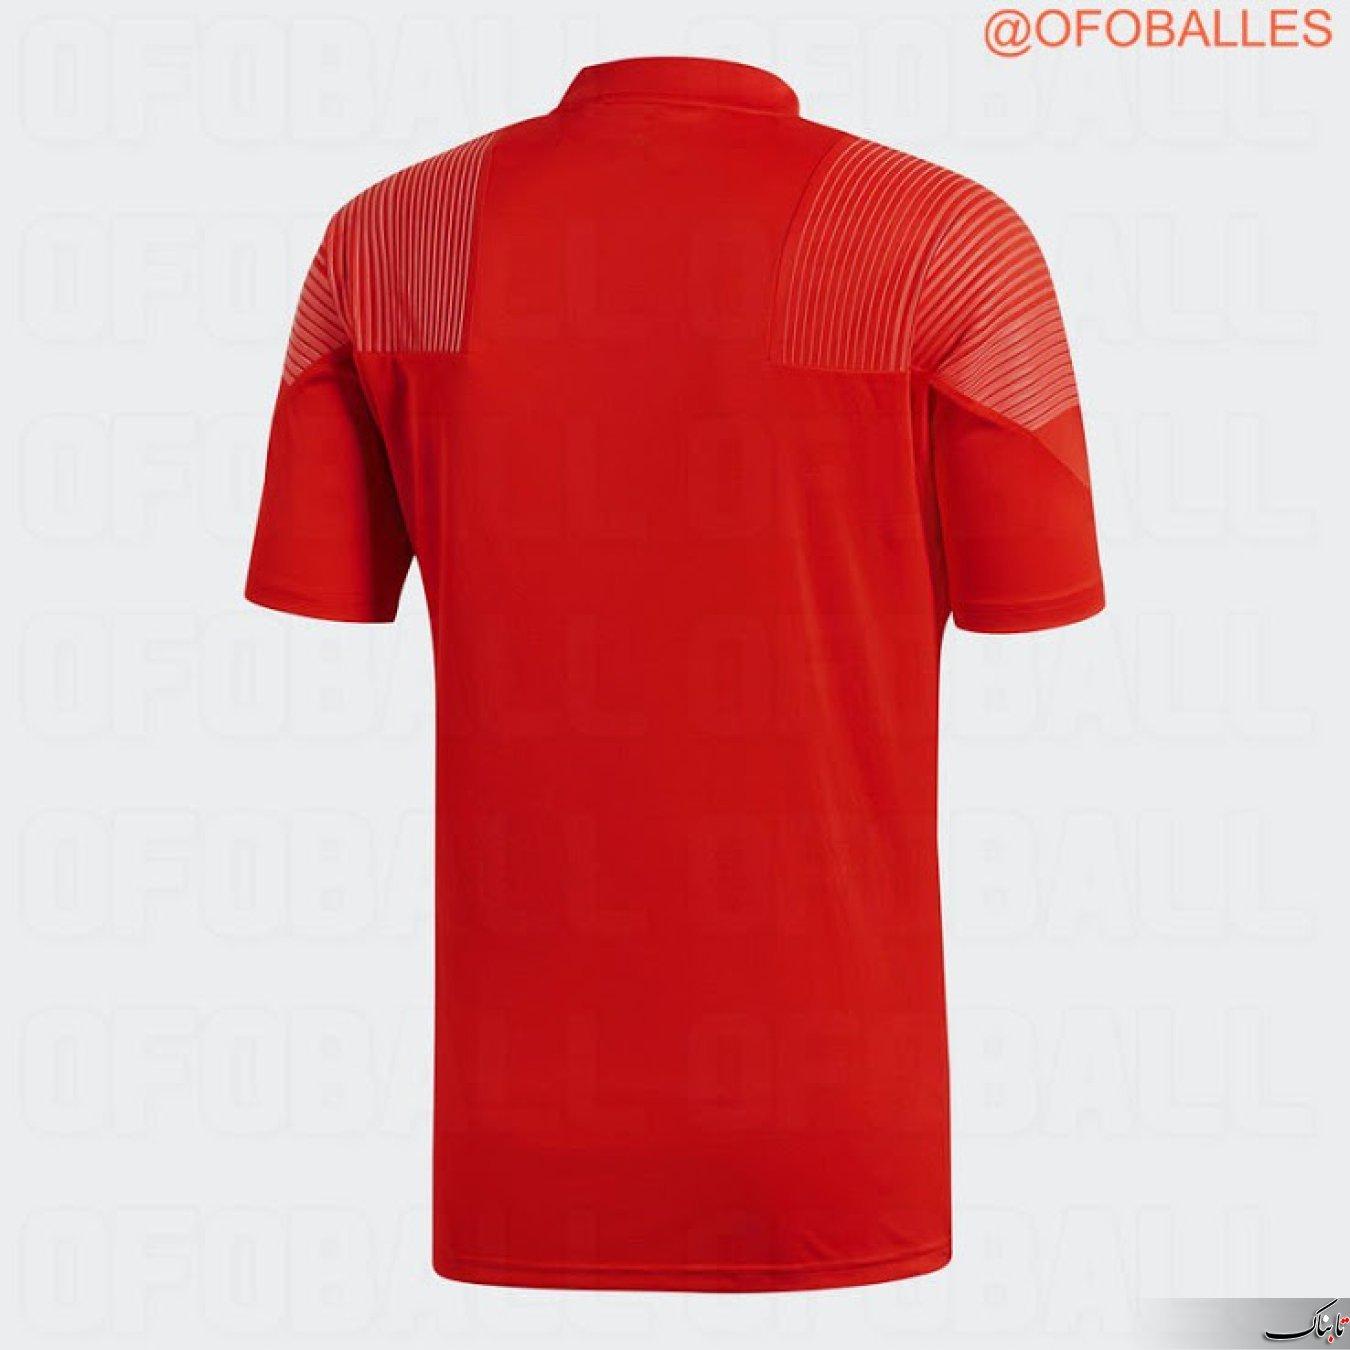 پیراهن های جدید قرمزرنگ رئال مادرید در لیگ قهرمانان